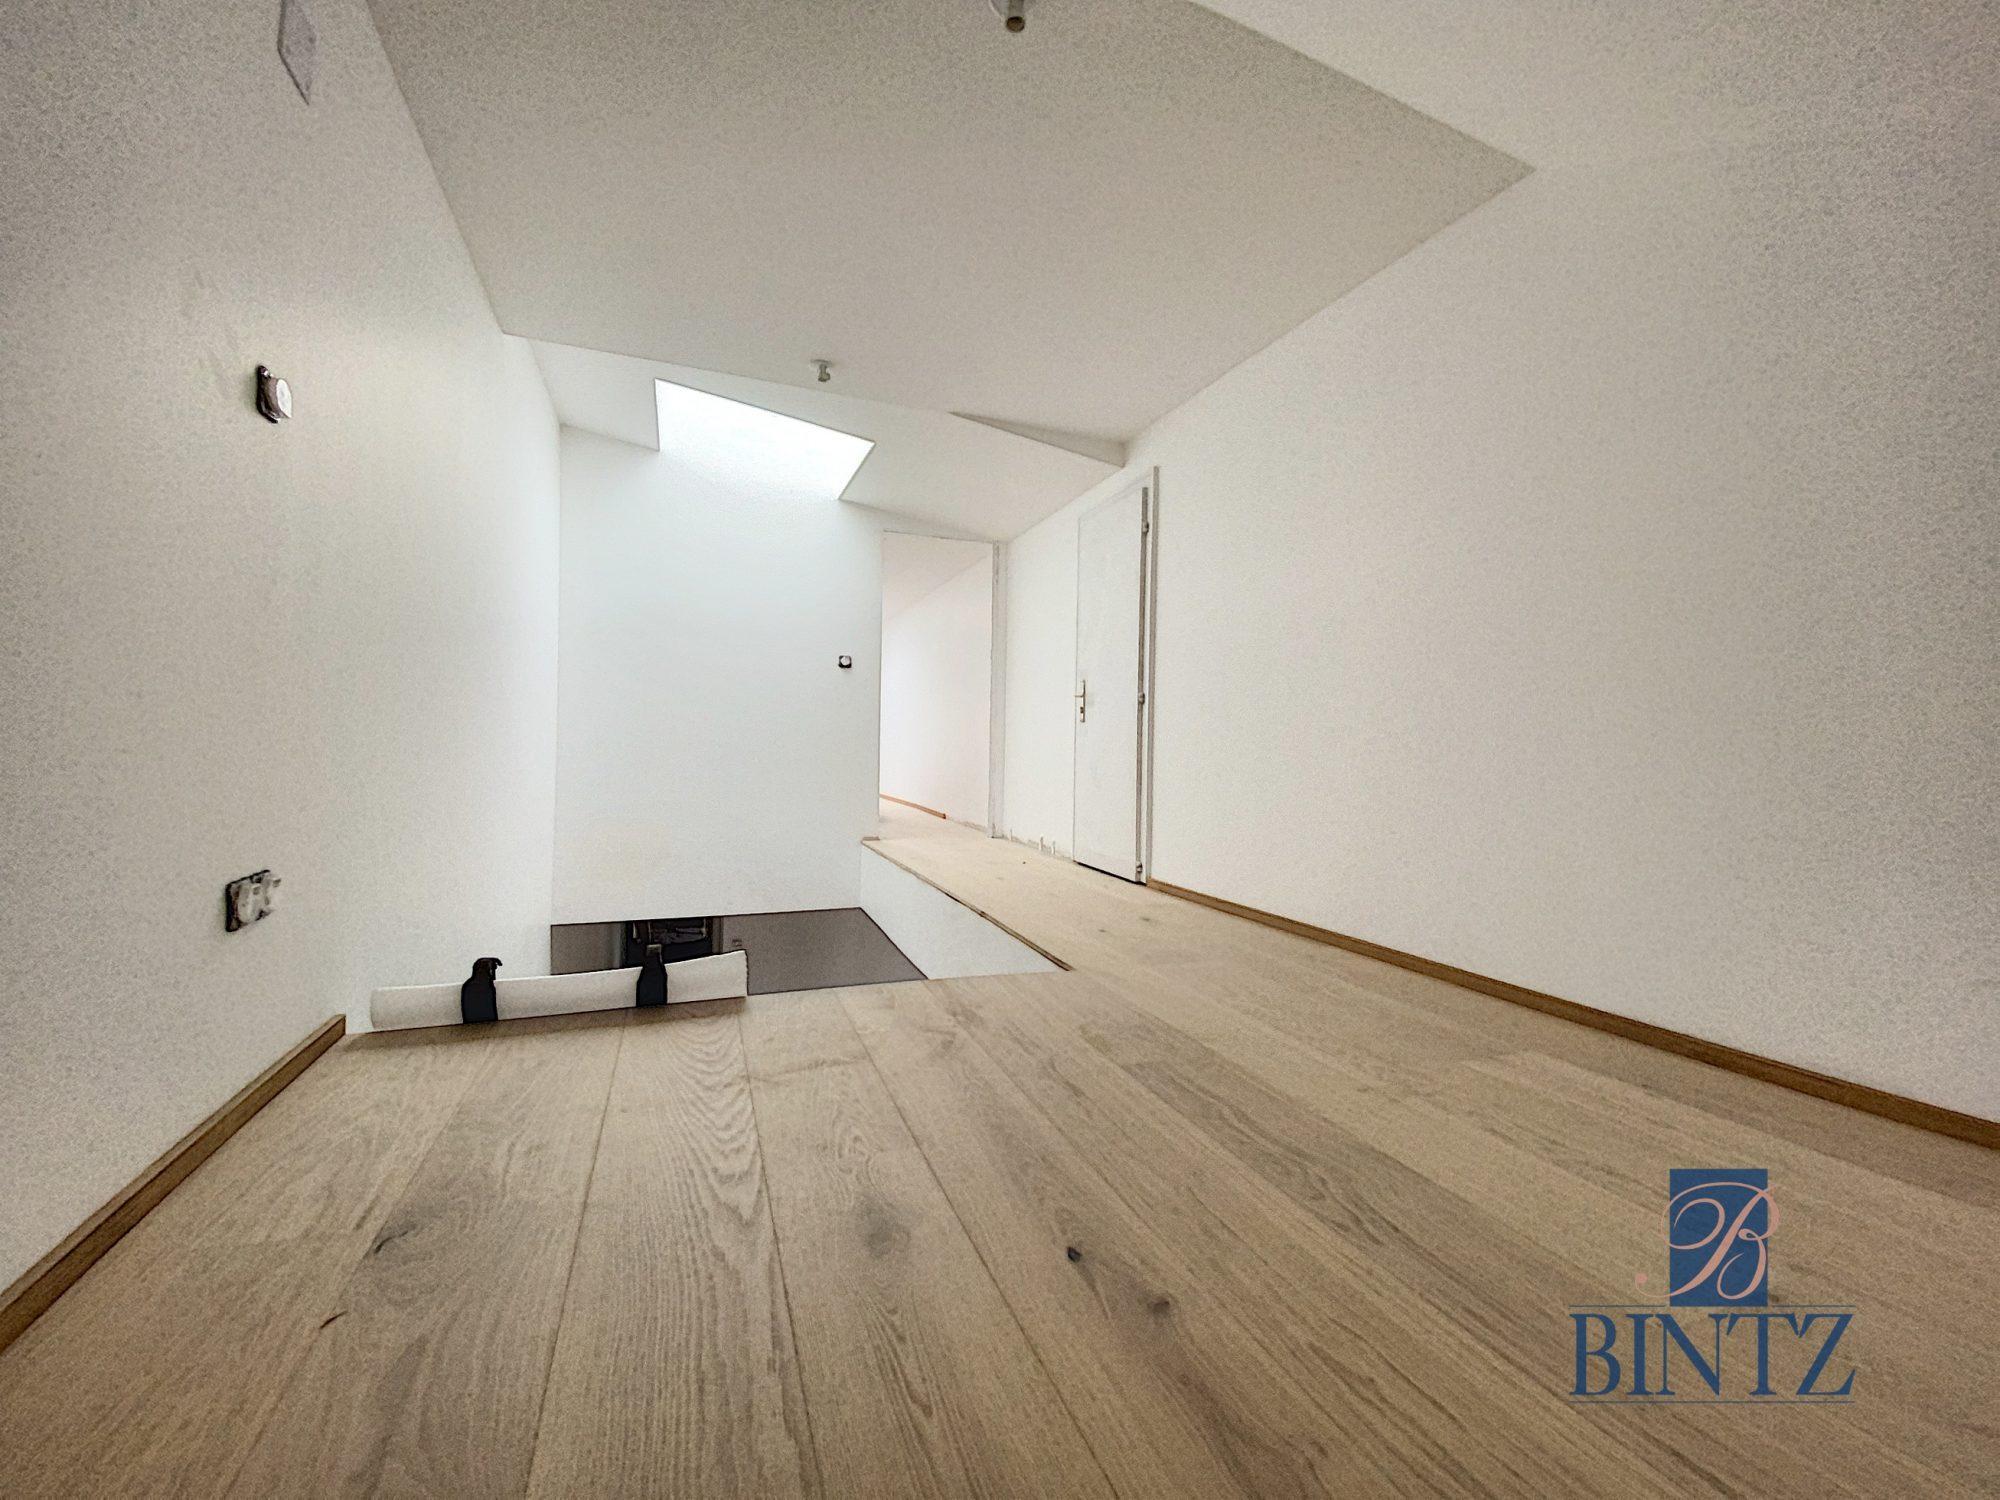 4 pièces refait à neuf quartier Gare - Devenez locataire en toute sérénité - Bintz Immobilier - 8